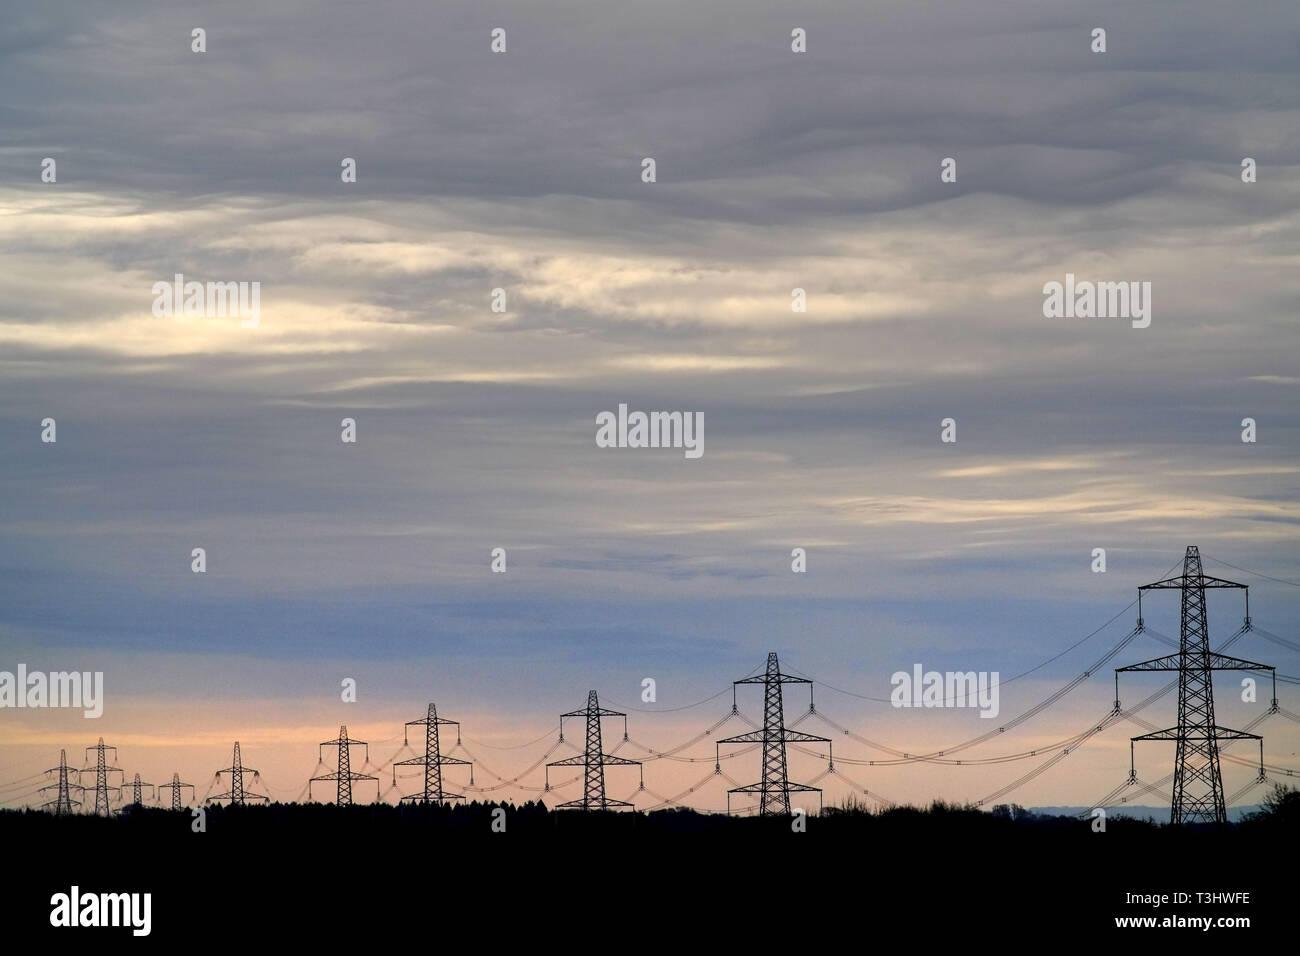 Le linee di alimentazione / elettricità piloni sotto un cielo turbolento Immagini Stock